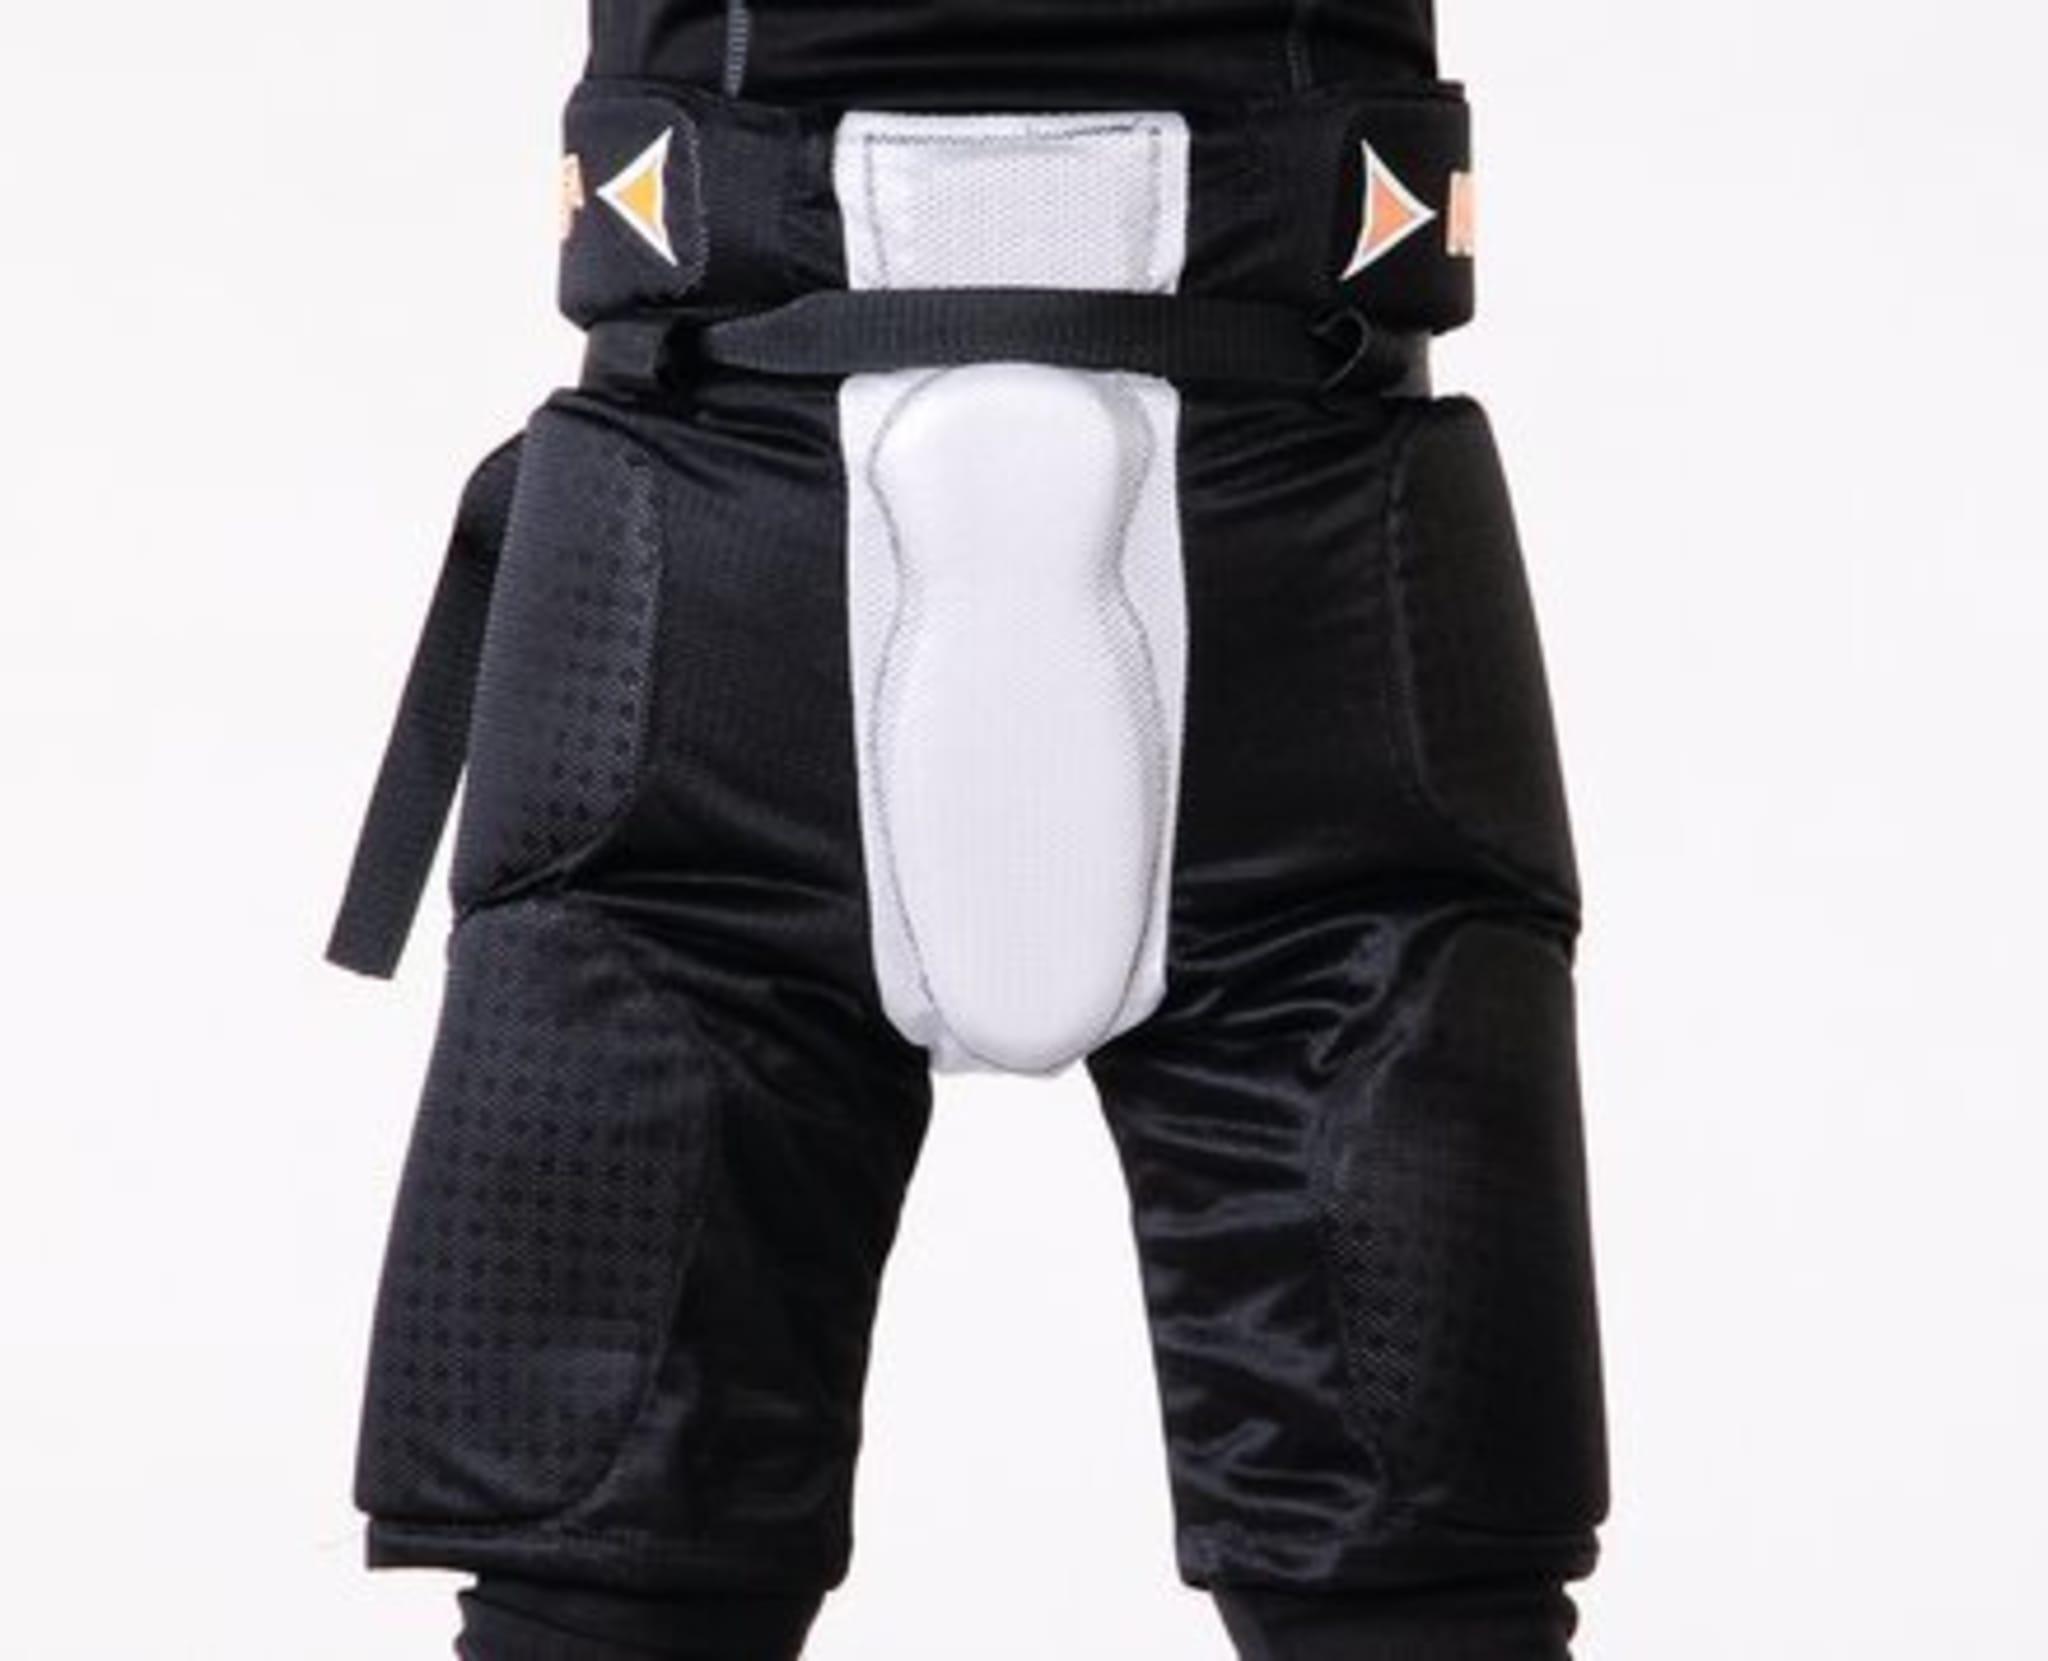 Beskyttelses bukse til å ha under bandybuksen.